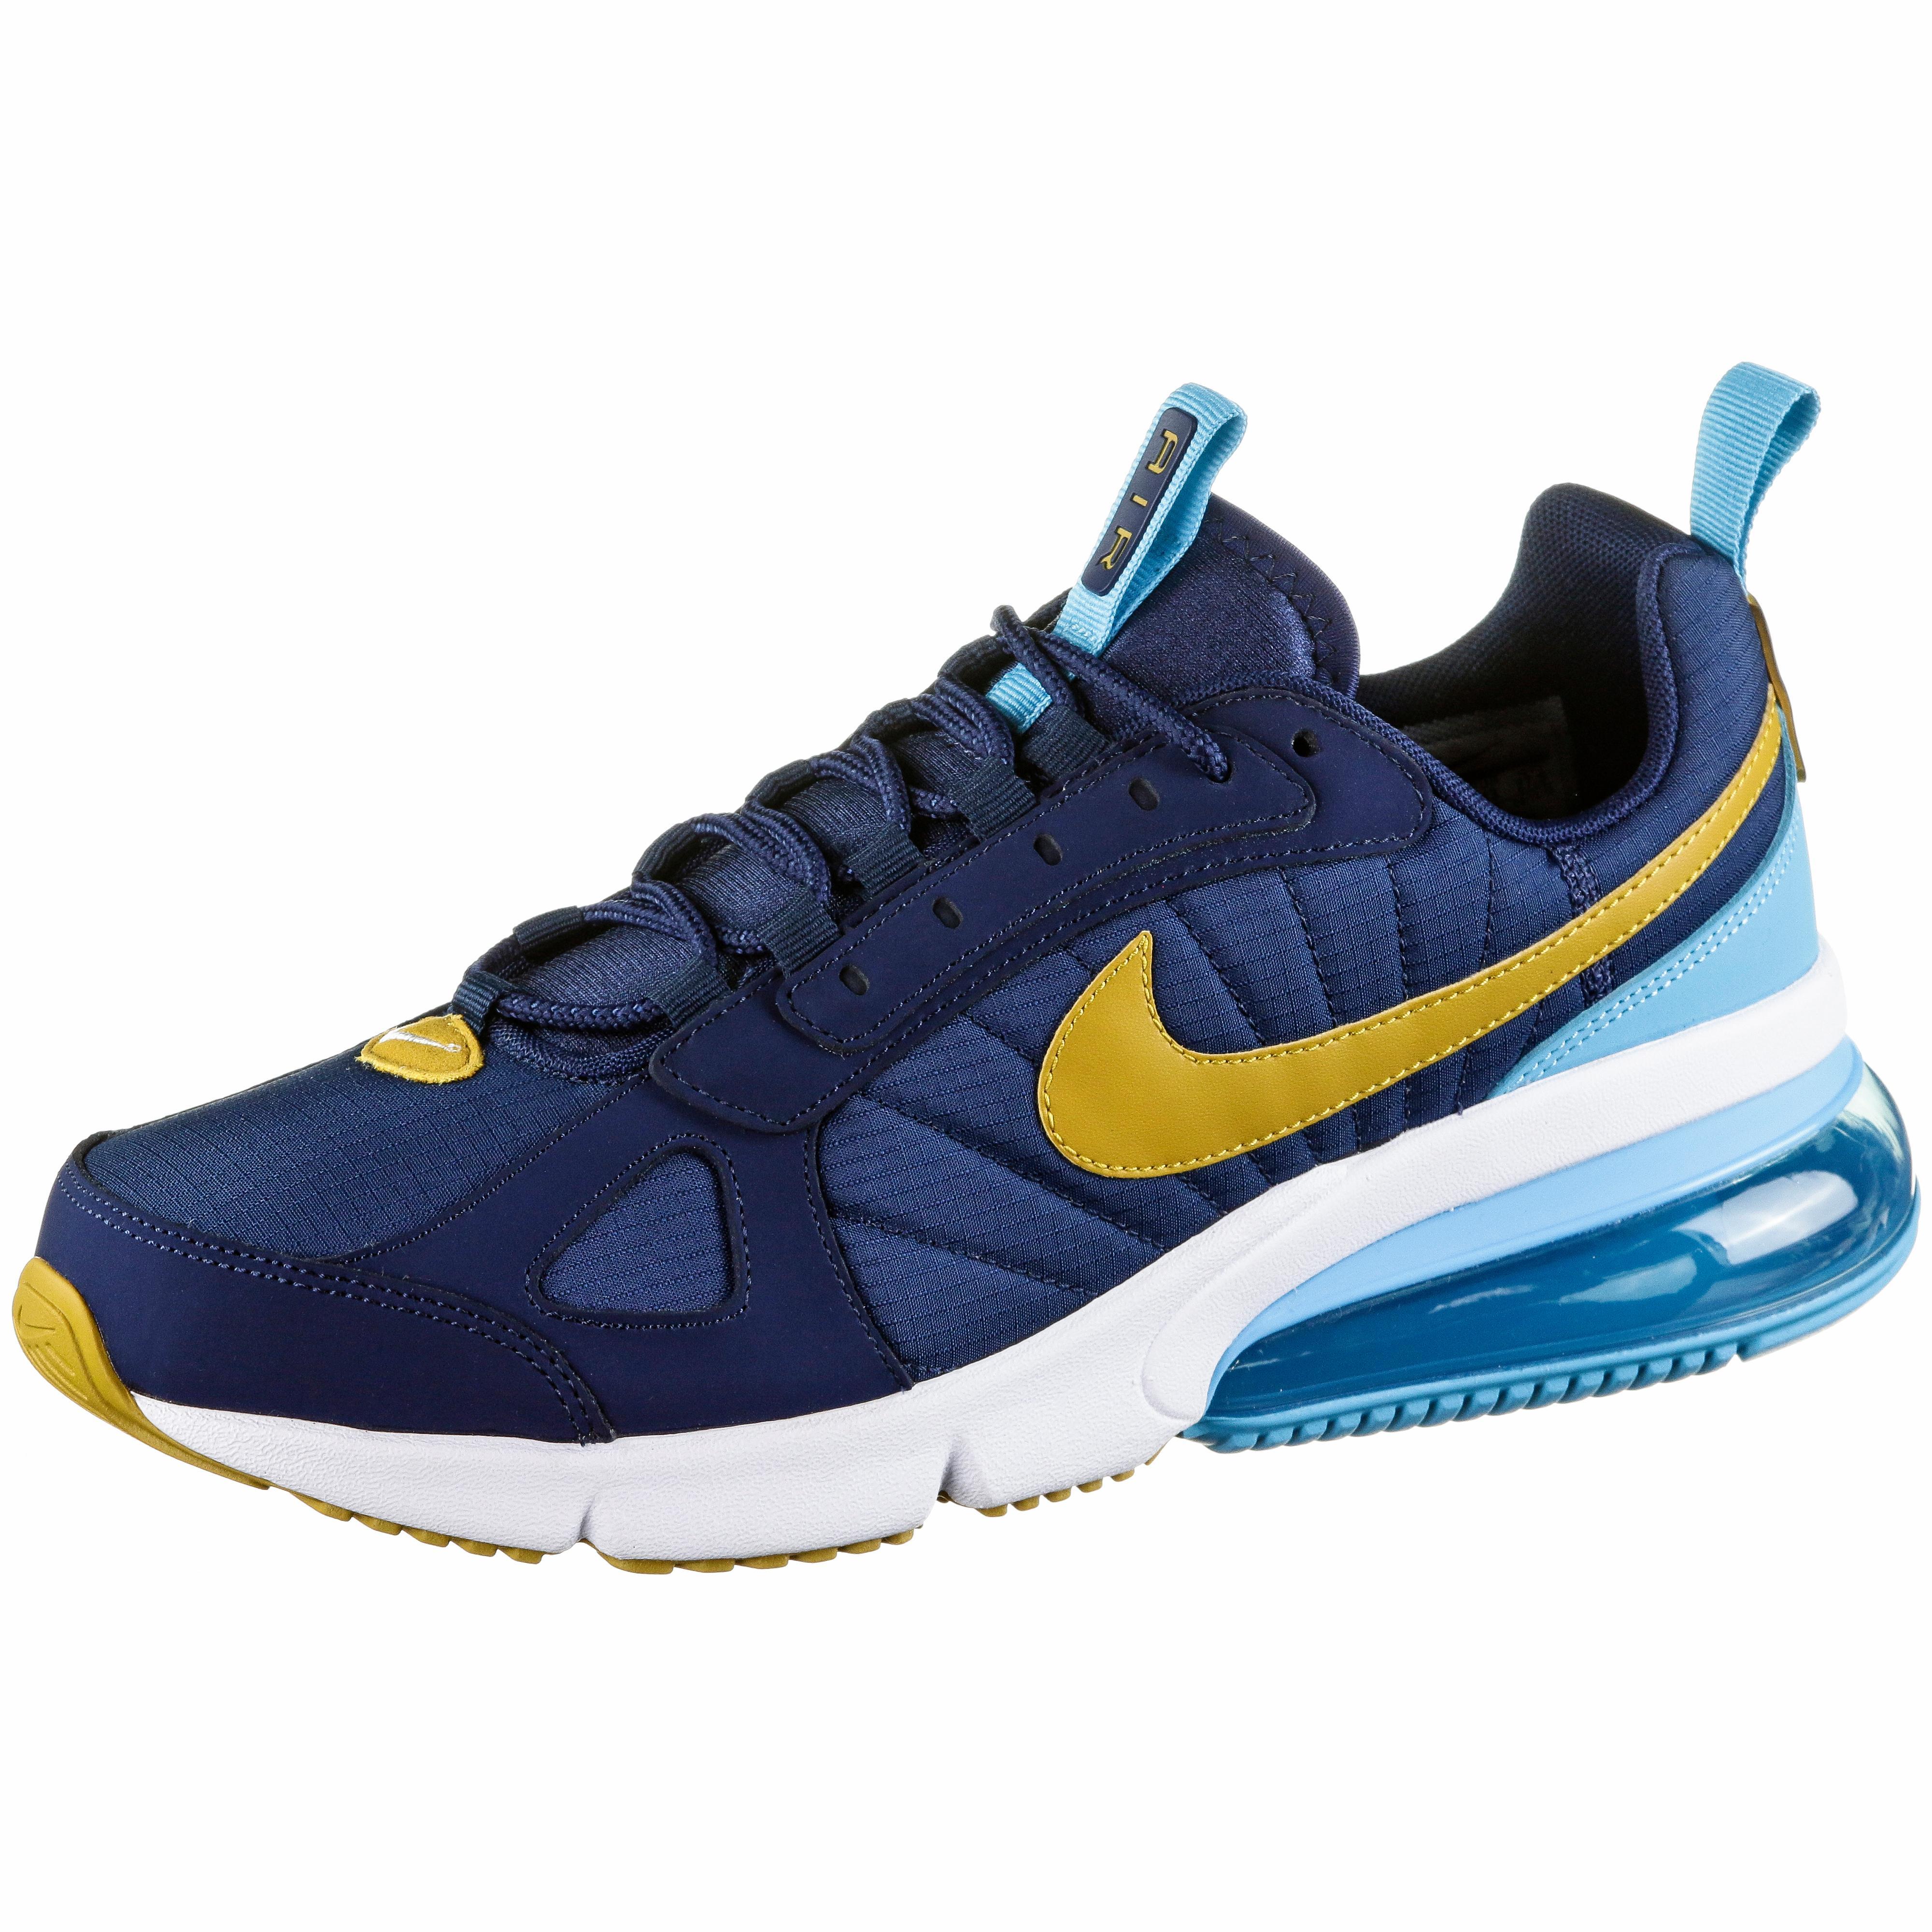 where can i buy nike air max 270 herren weiß blau 07cb9 af224